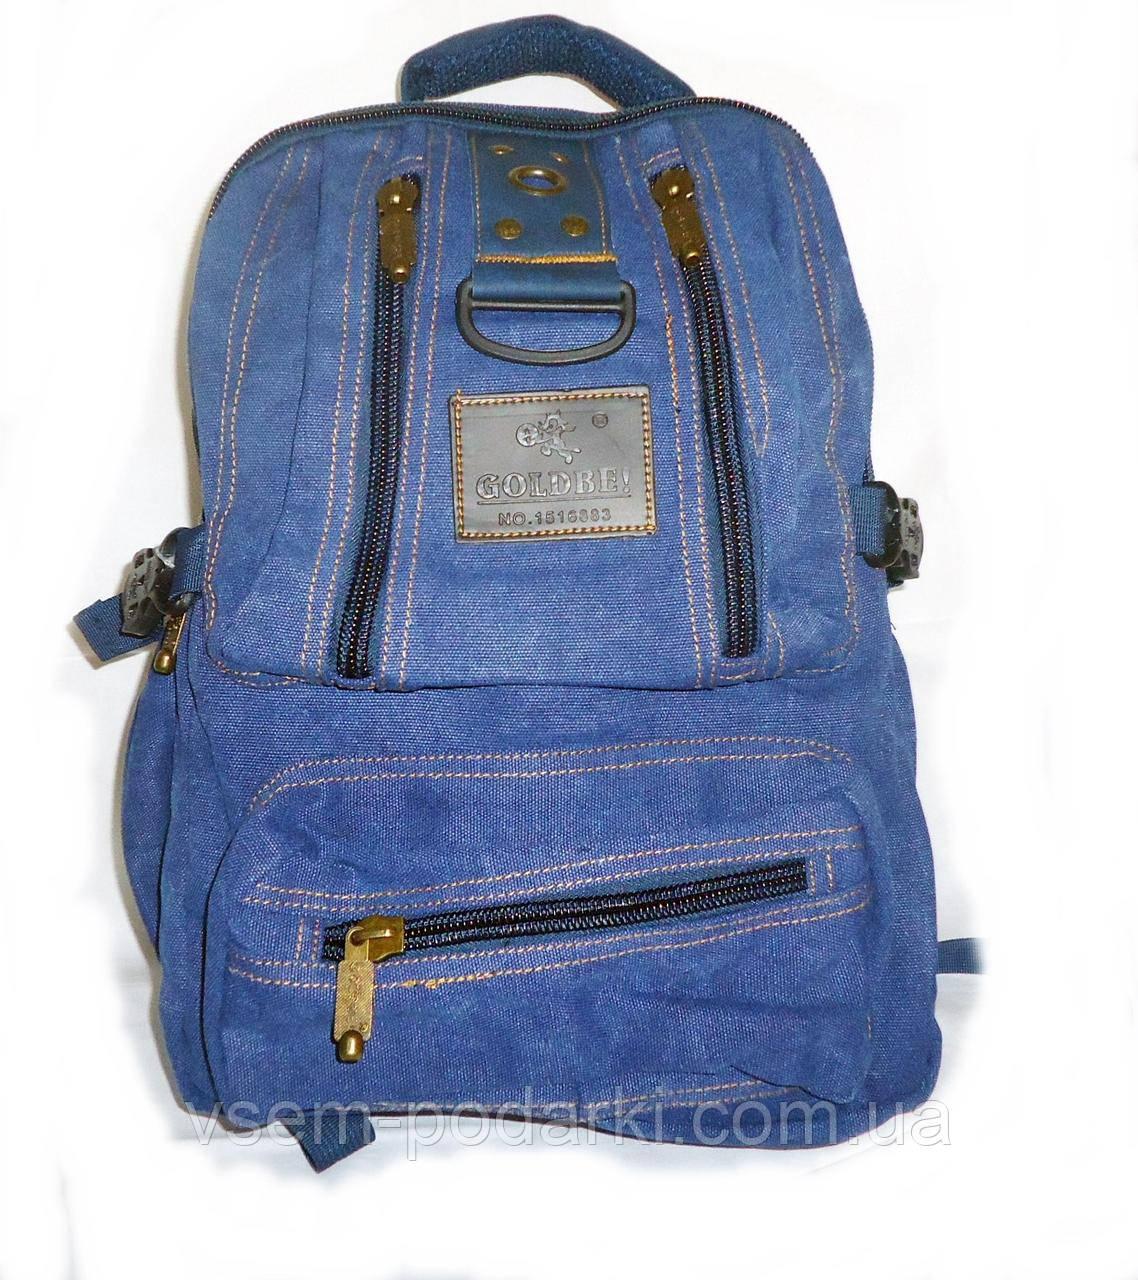 Джинсовый рюкзак GOLD BE! 1304 blue (средний), цена 440 грн., купить ... cececcb1633